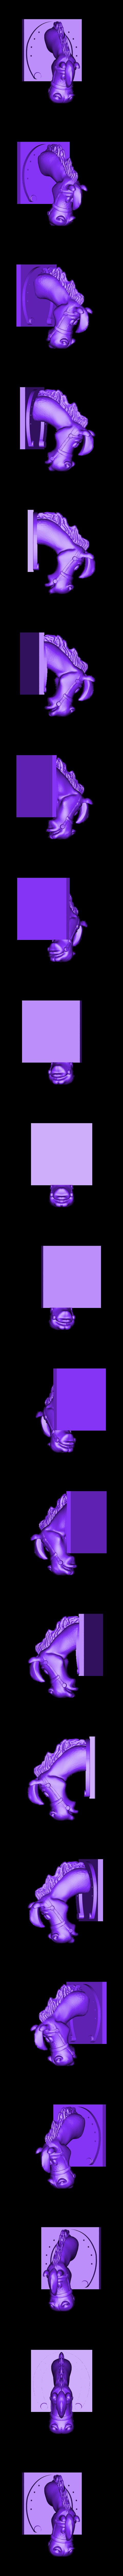 J_Jumper.obj Télécharger fichier OBJ gratuit Cheval de Lucky Luke : Joly Jumper • Modèle pour impression 3D, MisterDiD